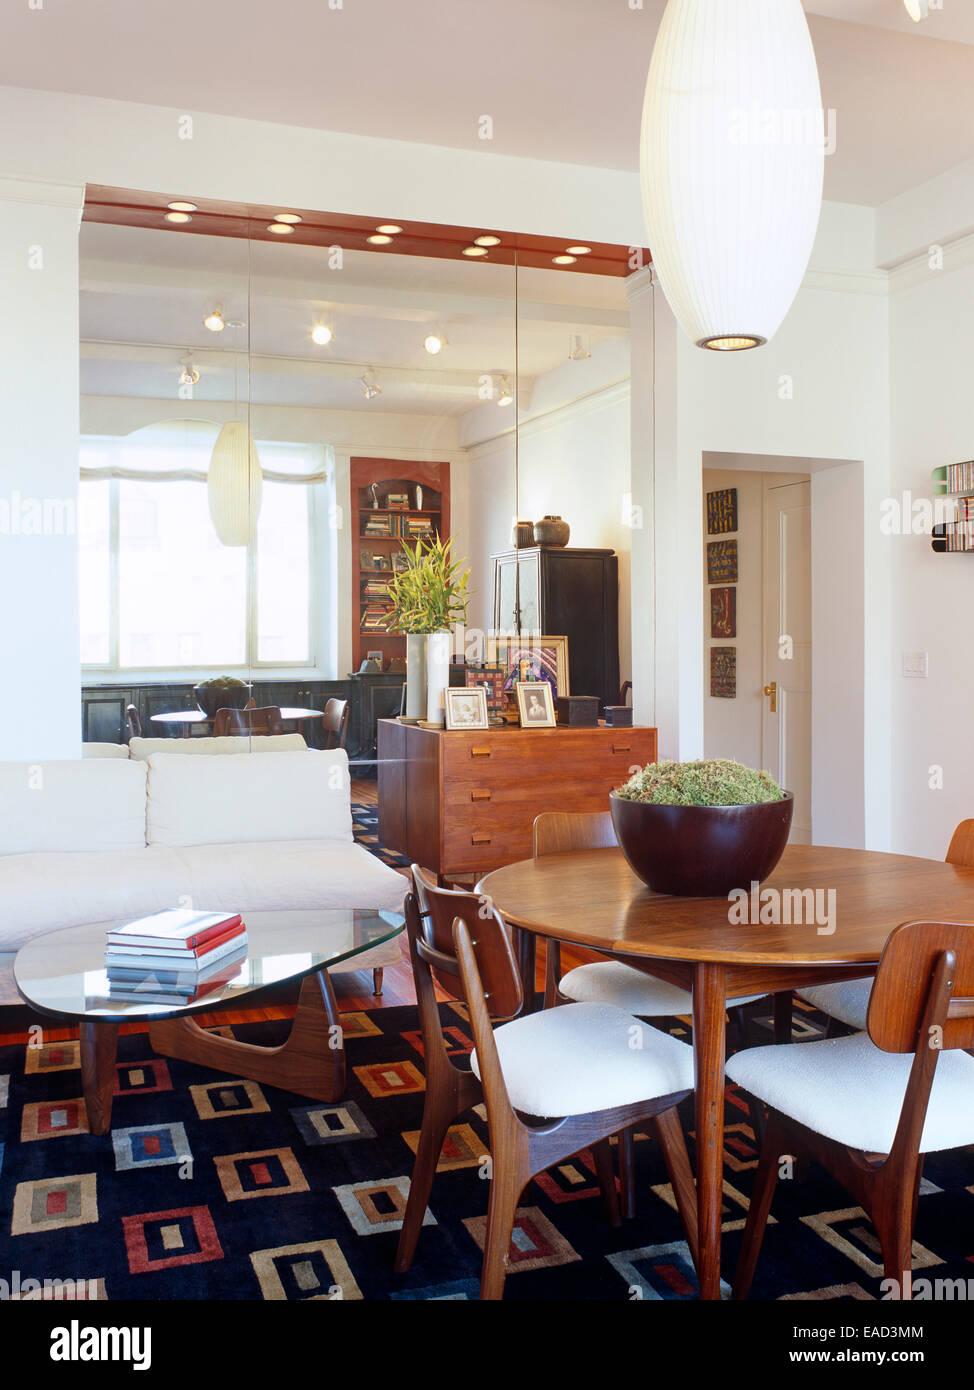 Home Dekor Einrichtungsstil Mitte Jahrhundert Spiegel Tisch Esszimmer  Wohnzimmer Teppich Moderne Leuchte Stuhl